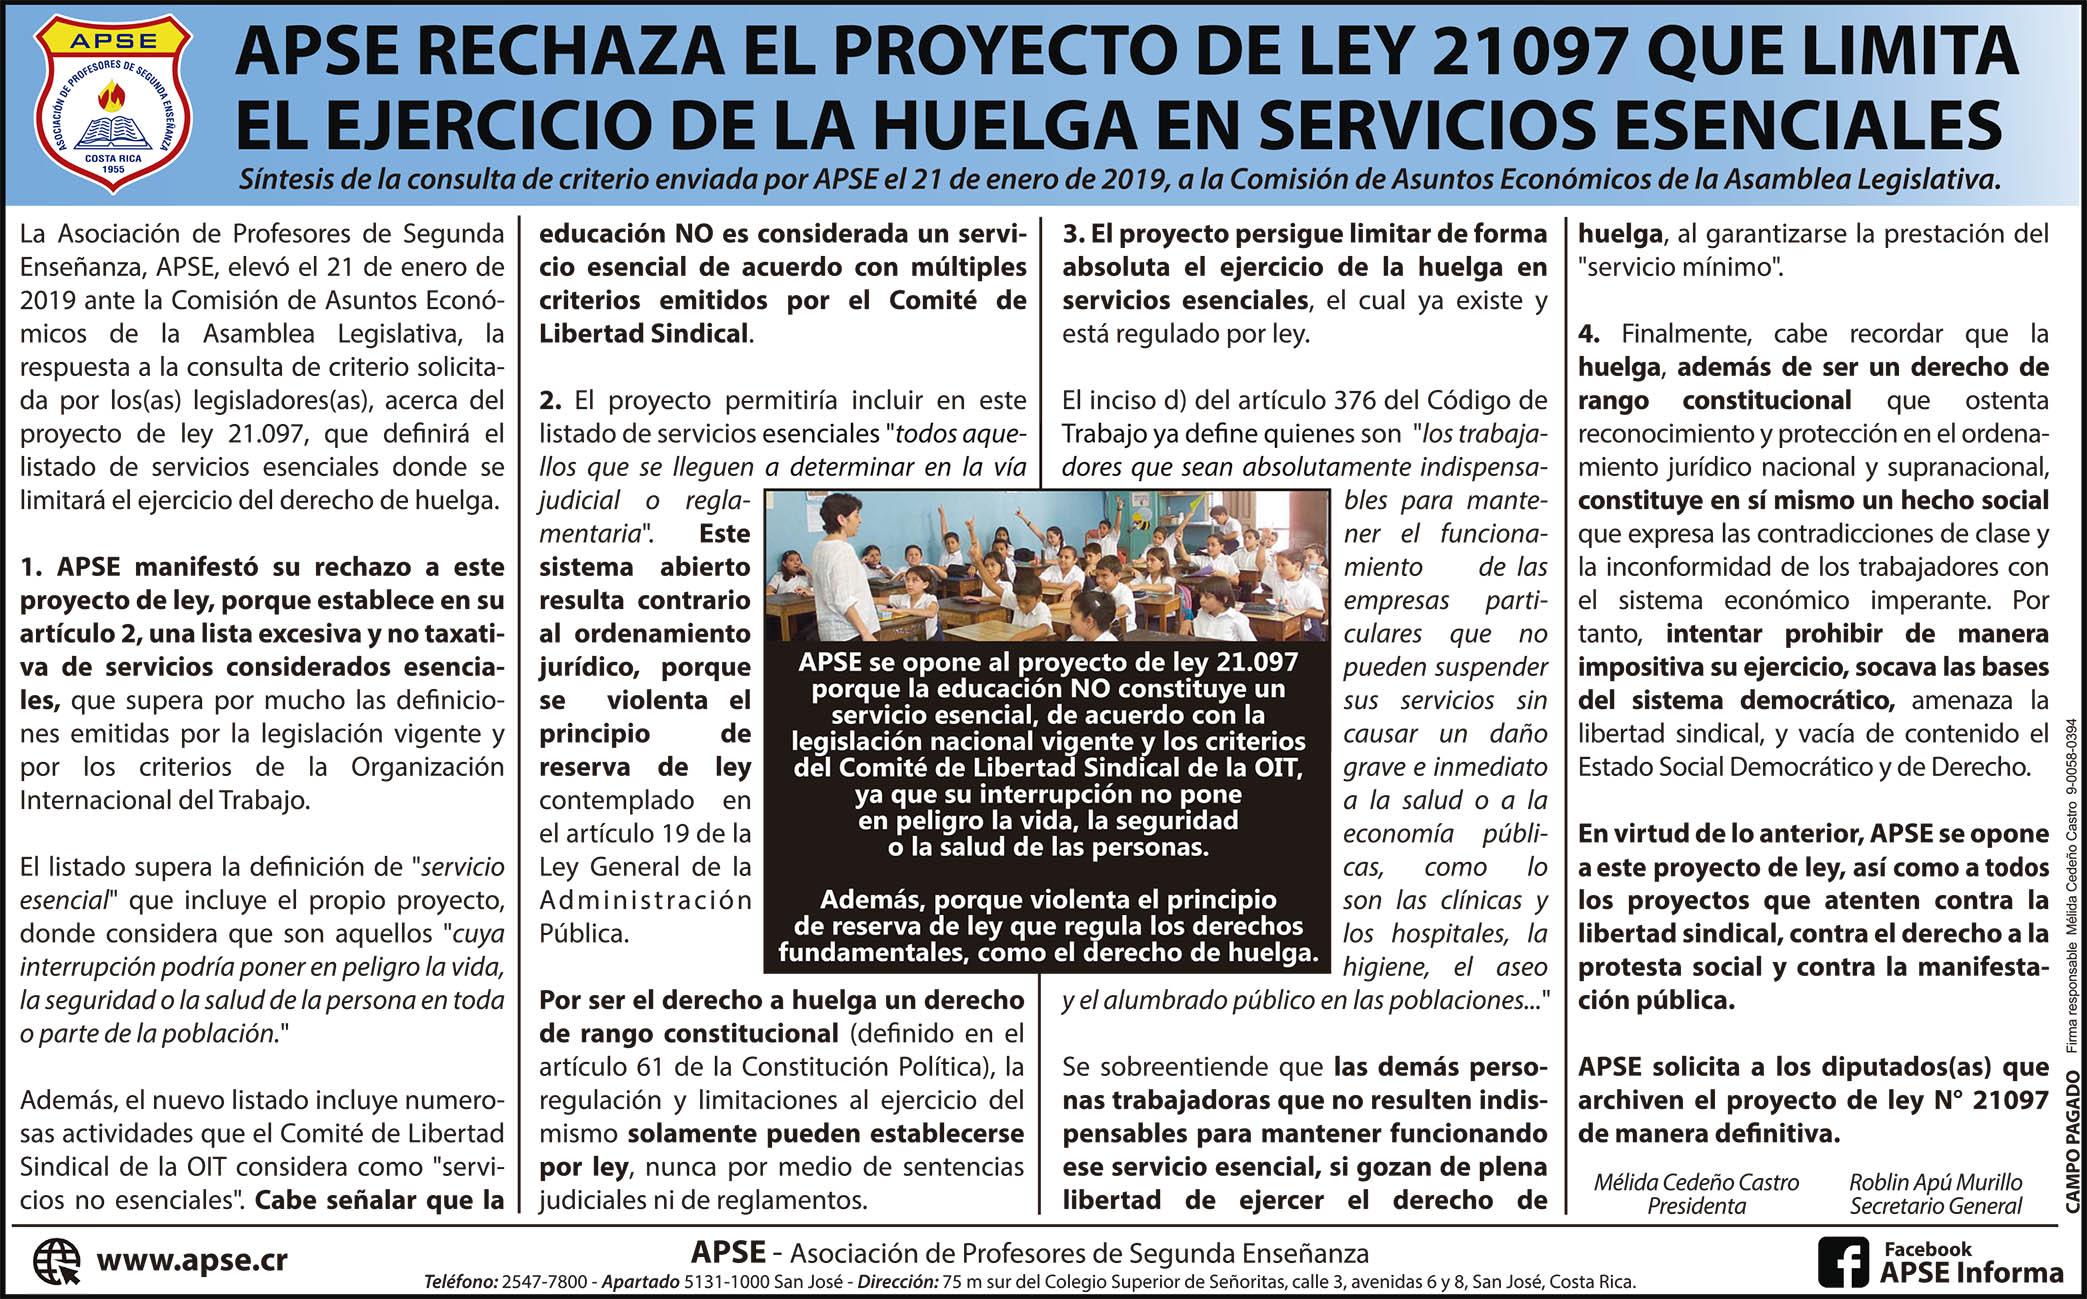 APSE RECHAZA EL PROYECTO DE LEY 21097 QUE LIMITA EL EJERCICIO DE LA HUELGA EN SERVICIOS ESENCIALES